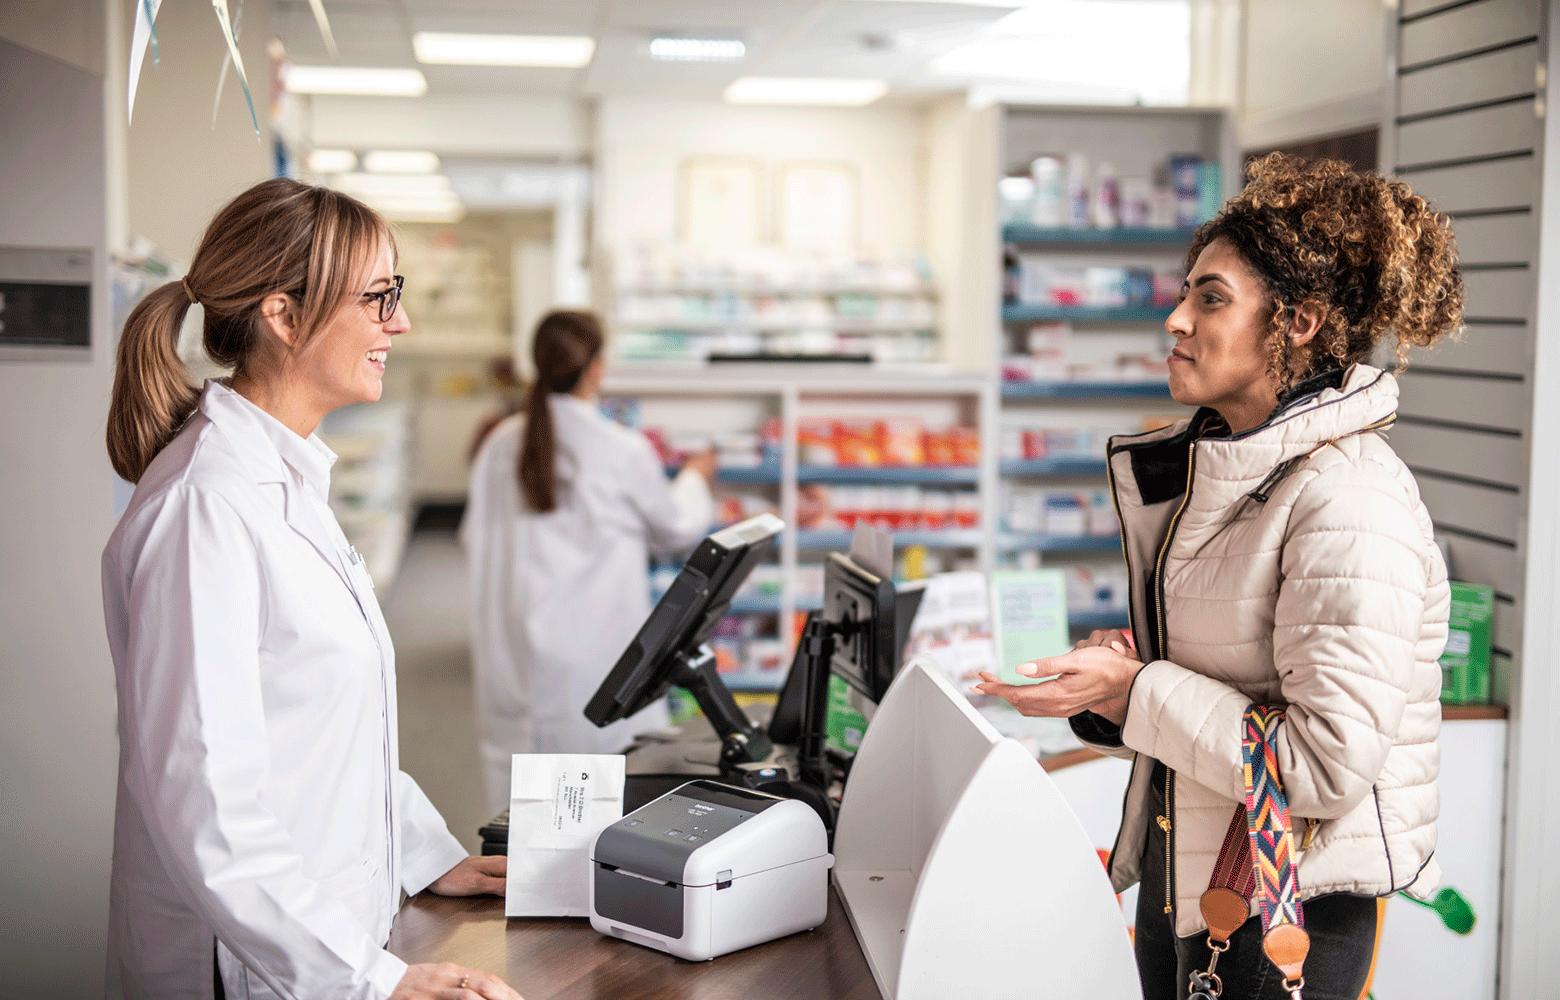 Farmaceutkinja razgovara s klijenticom u ljekarni